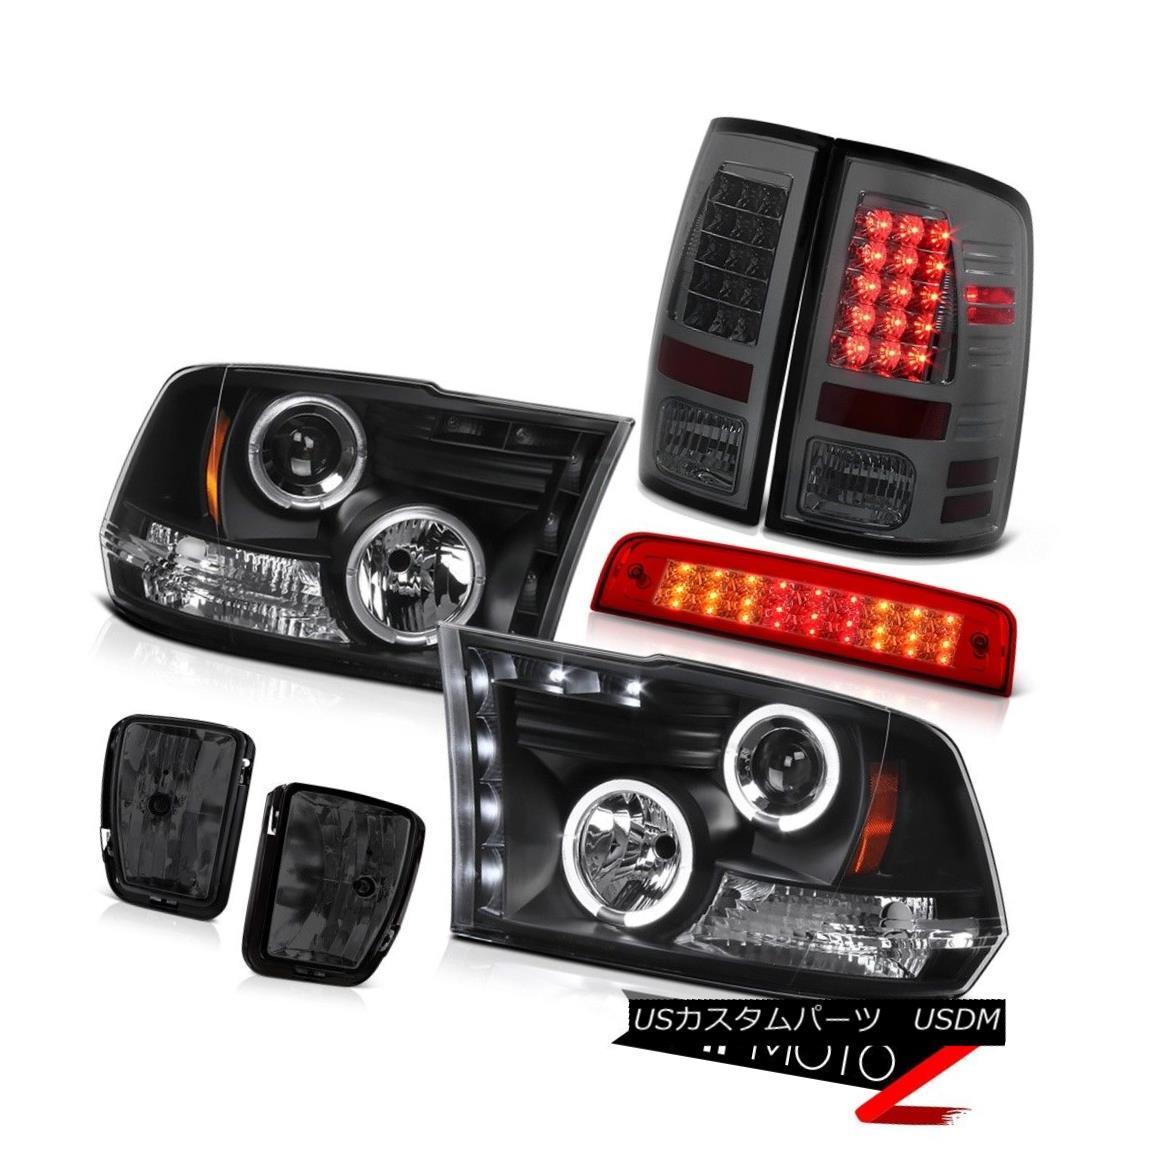 テールライト 2013-2018 Ram 1500 RT 3RD Brake Light Foglamps Rear Lamps Headlights Angel Eyes 2013-2018ラム1500 RT 3RDブレーキライトフォグランプリアライトヘッドライトエンジェルアイズ